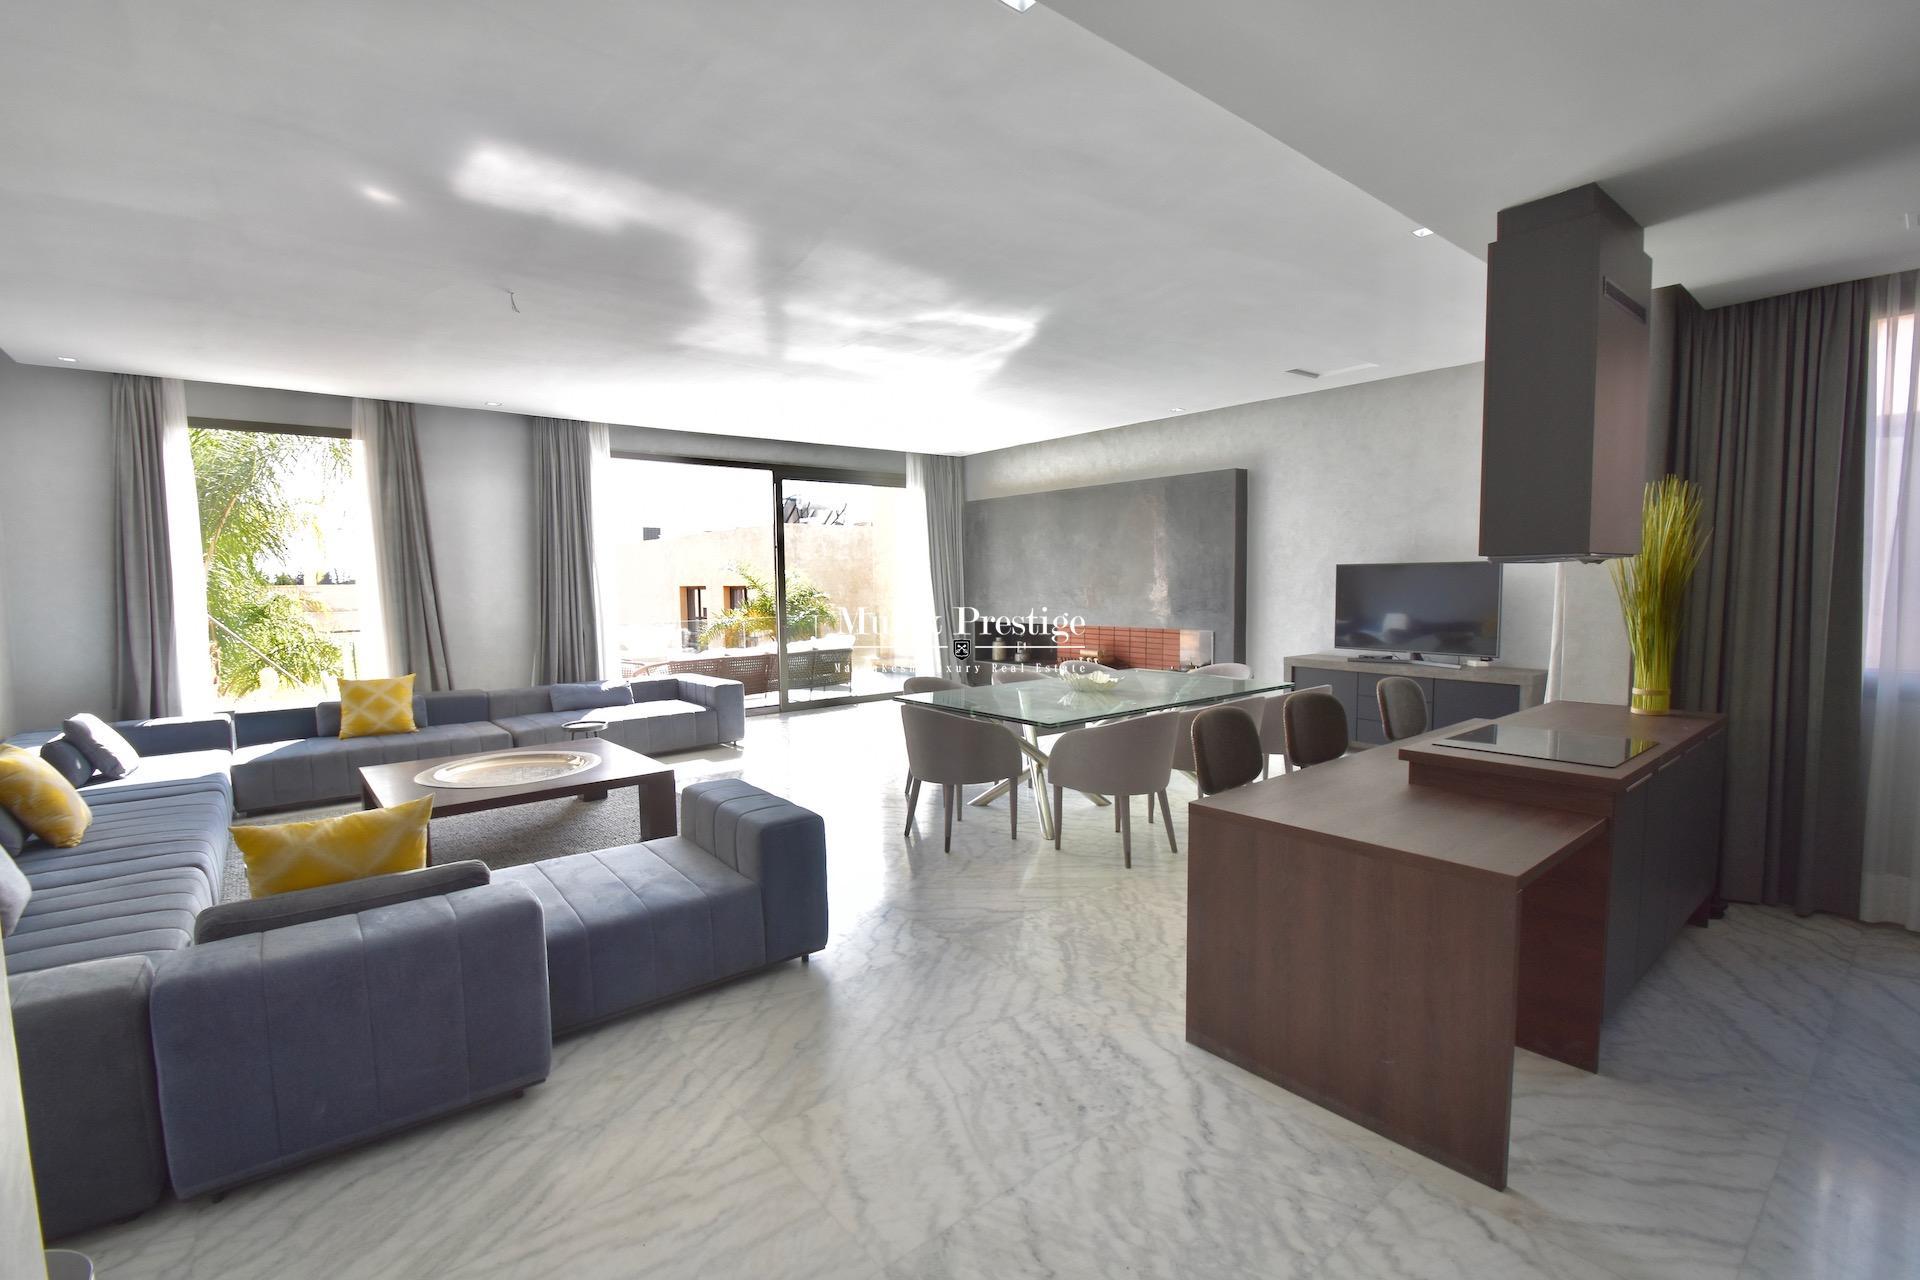 Vente appartement de luxe à Marrakech